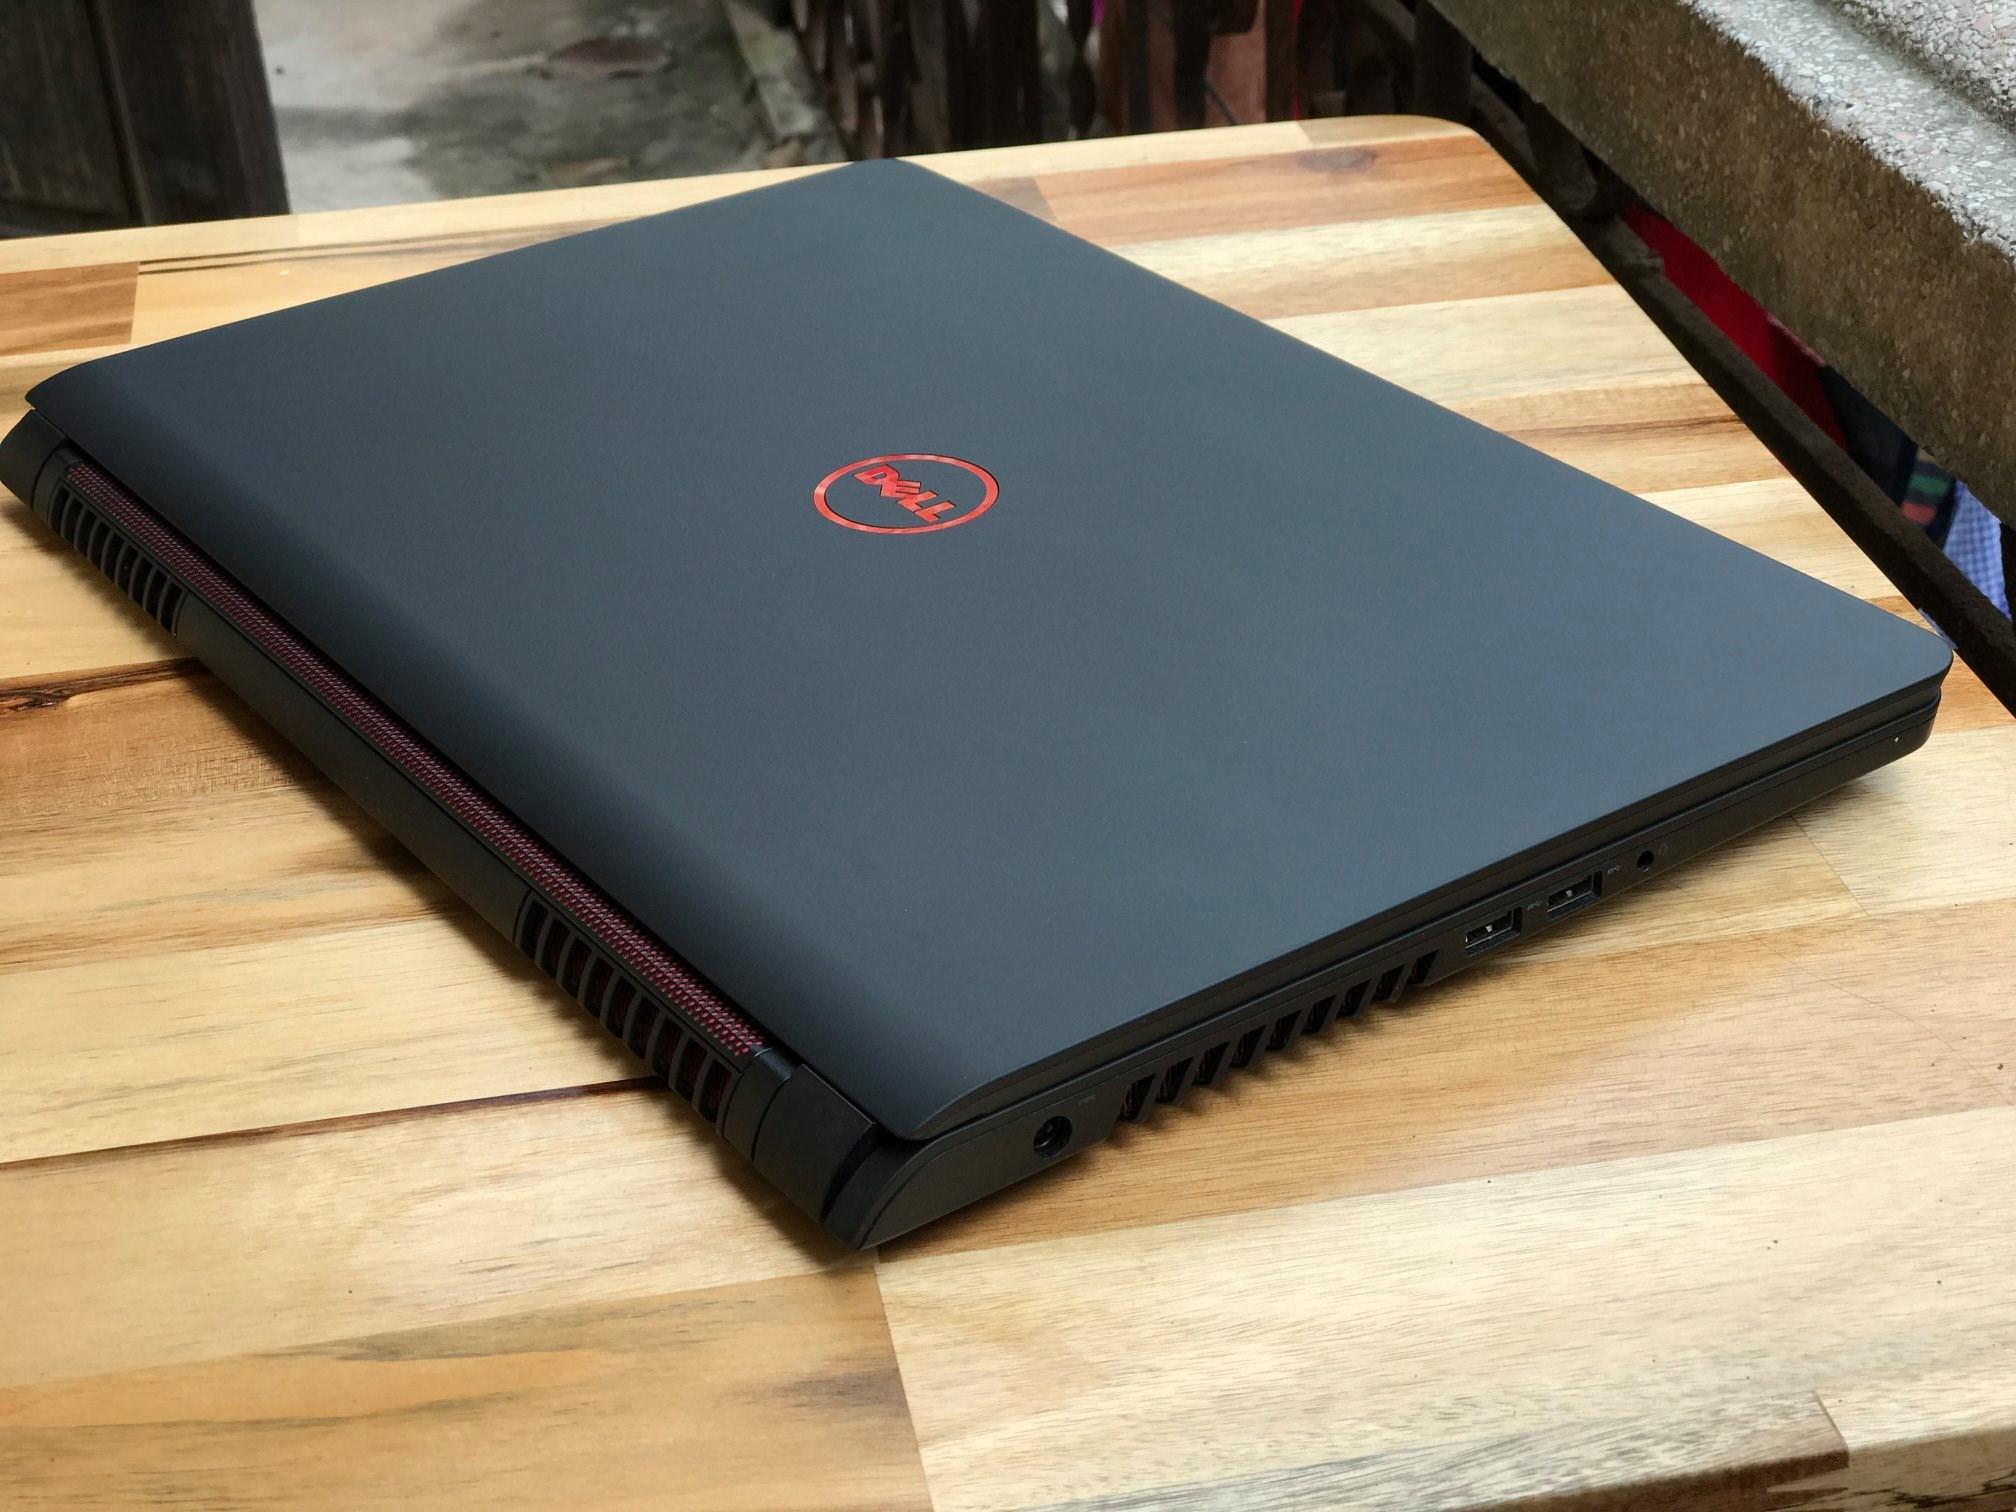 """Coupon Giảm Giá Laptop Dell Inspiron 7559 Core I7 6700HQ/ RAM 8GB/ SSD 128GB + HDD 1TB/ GTX 960M/ Màn 15.6"""" FHD"""